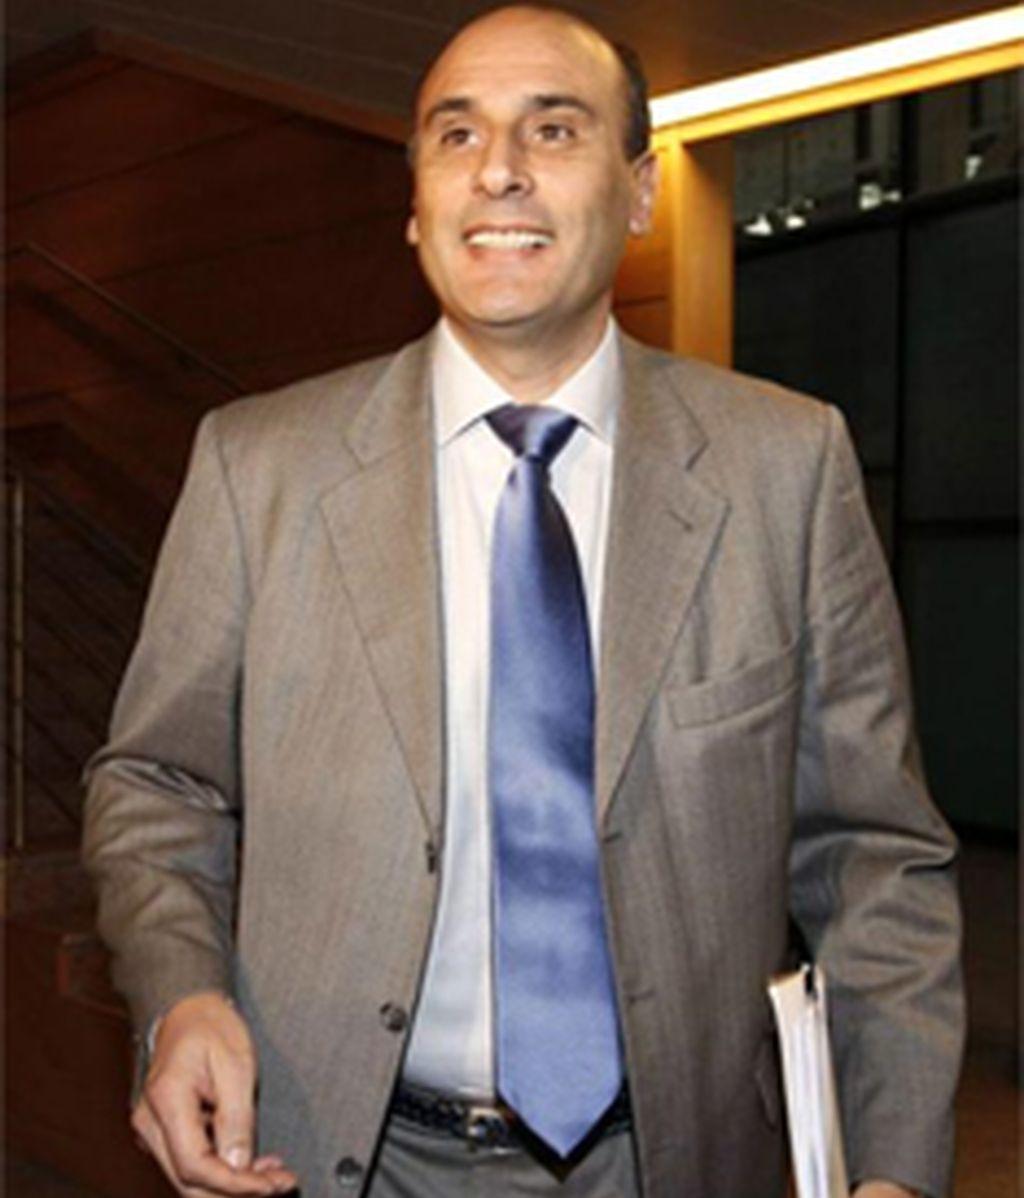 Dimite el responsable de seguridad de Aguirre, implicado en el espionaje a altos cargos del PP